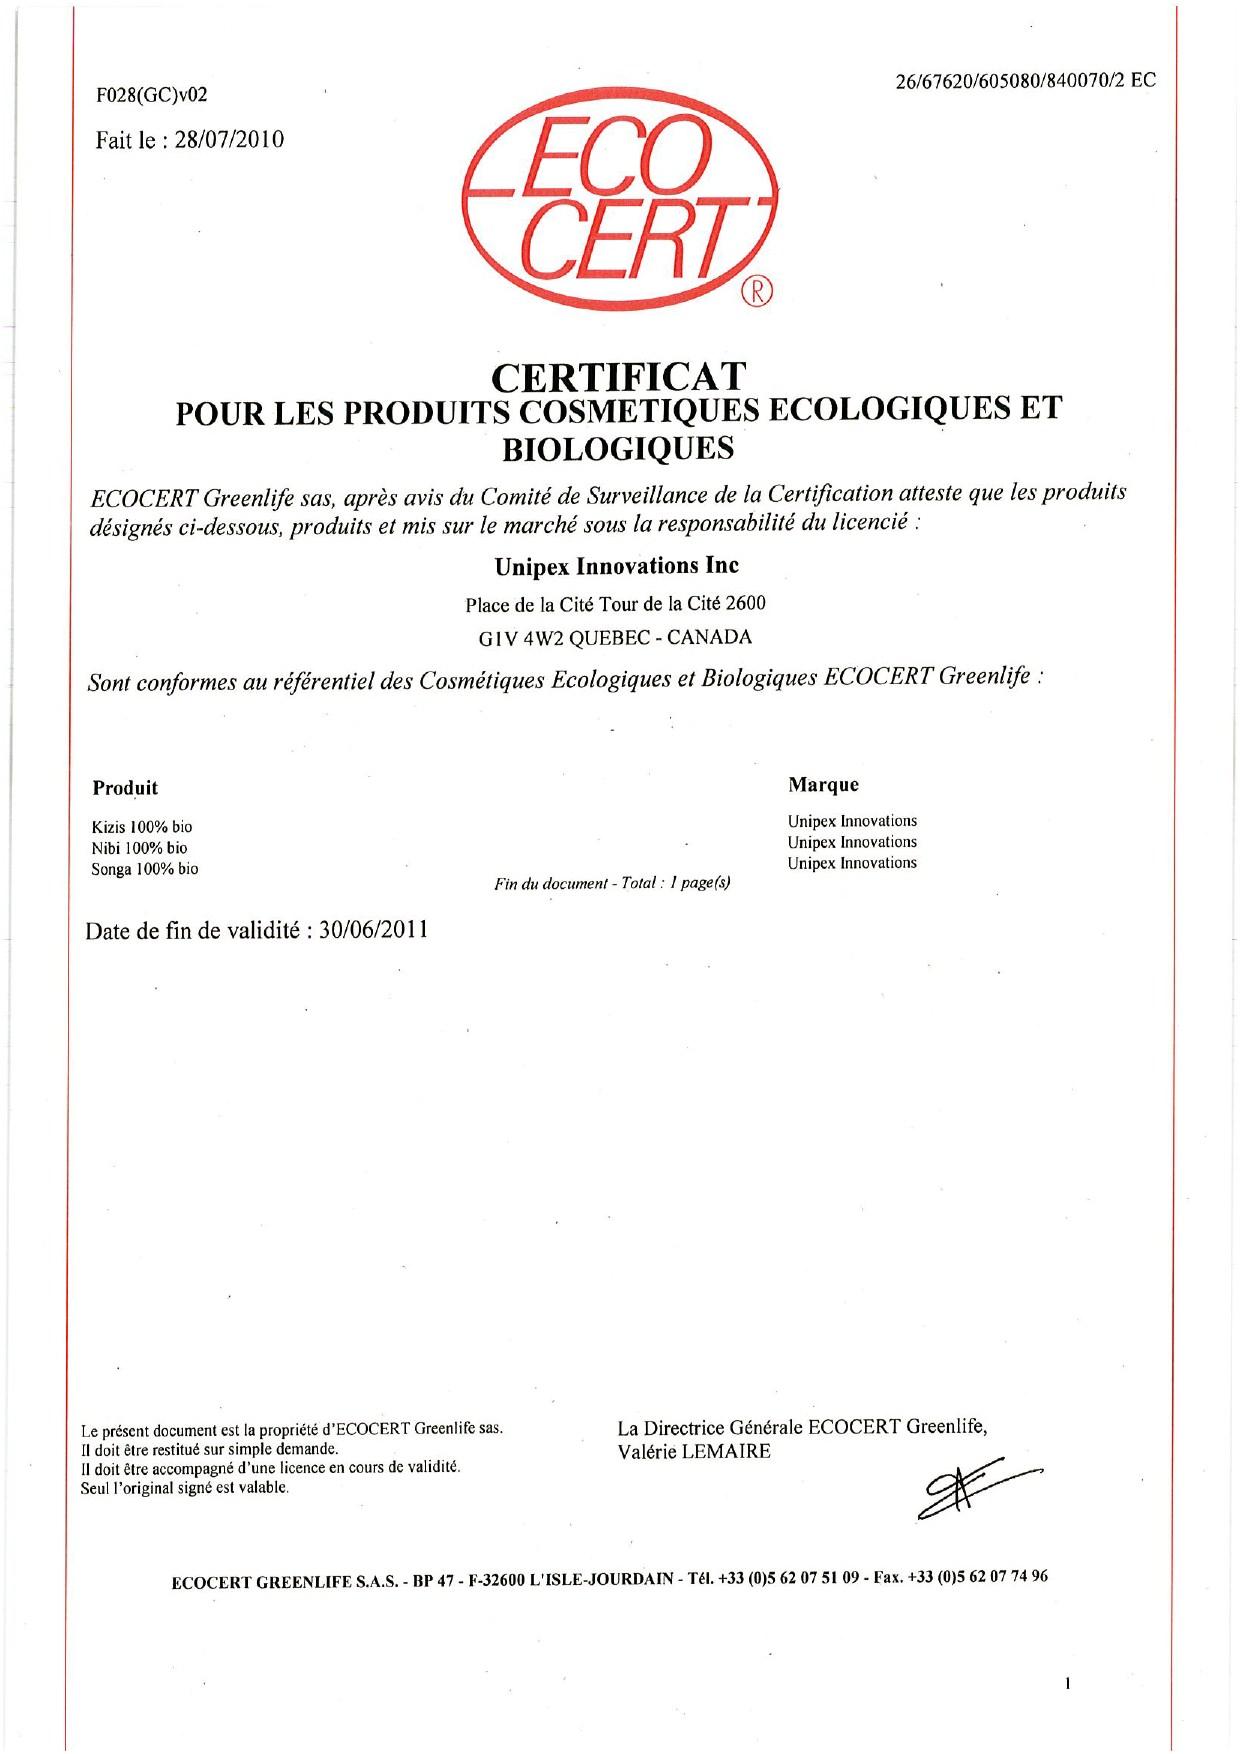 Certificat Ecocert 2010 2011